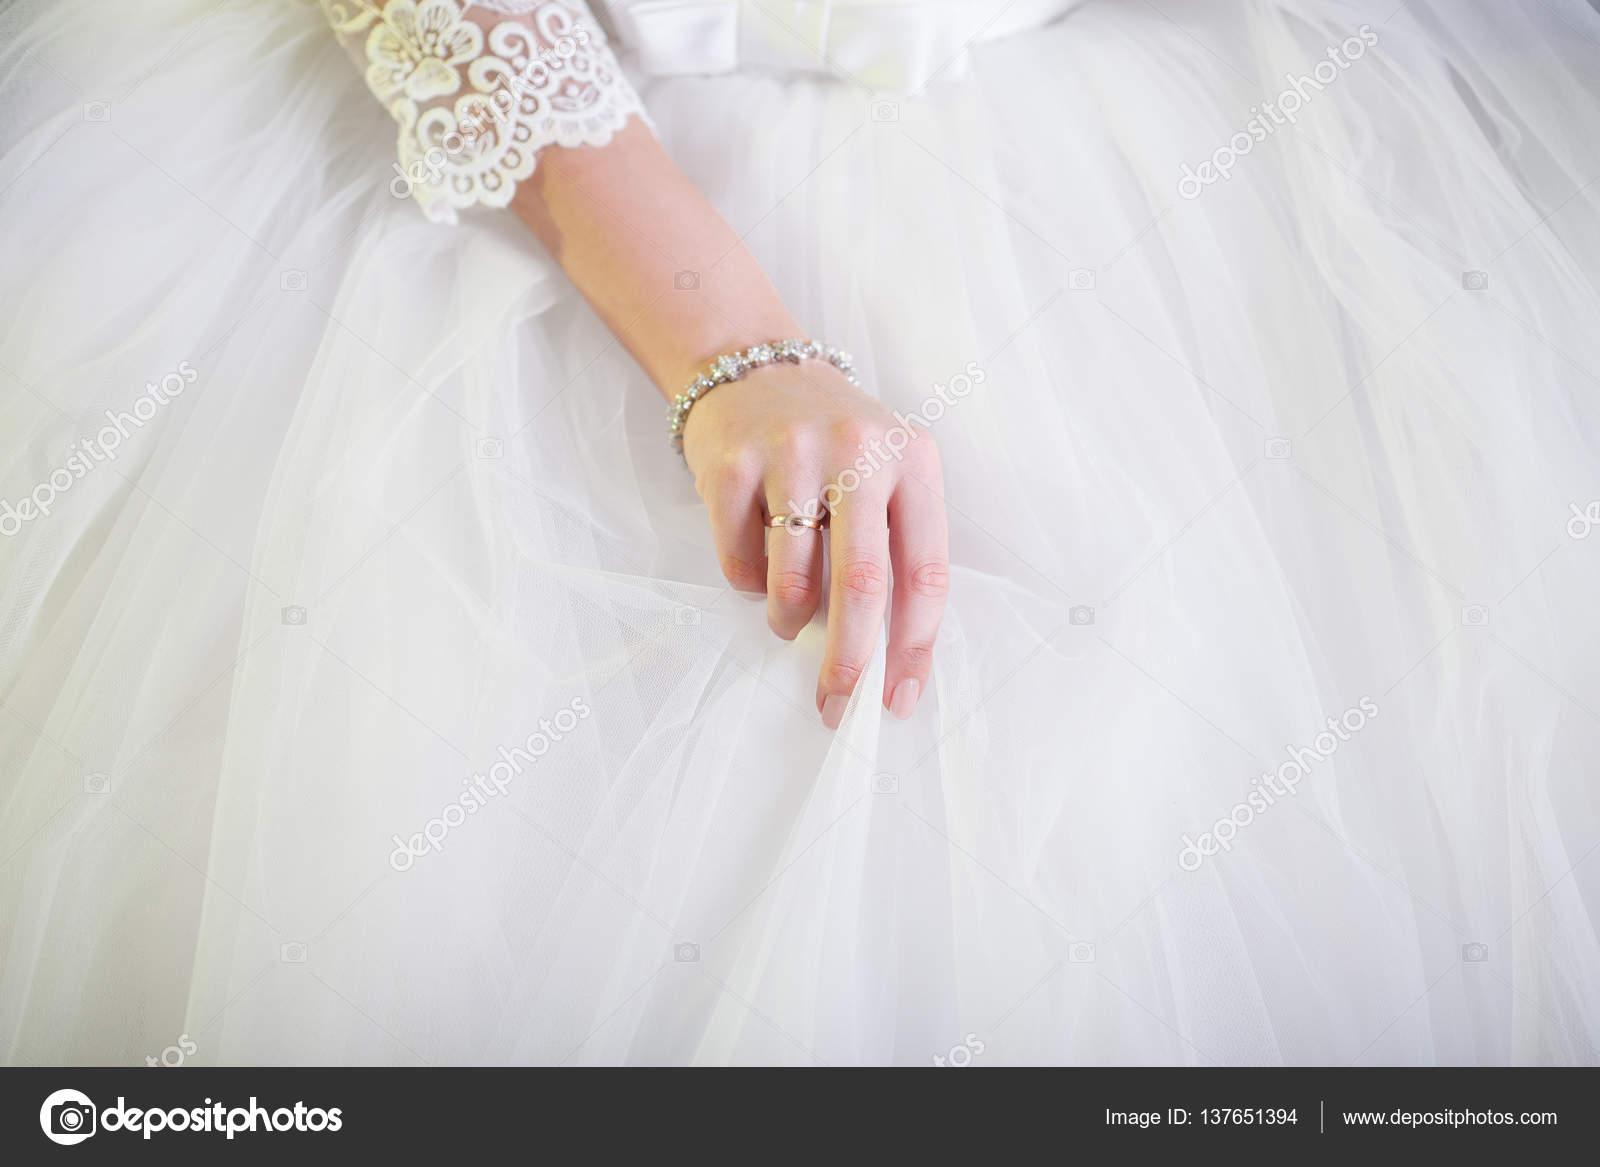 Plan Blanche La Main Gros Brides Jupe Corrige De GonfléeDétails Jl1KFc